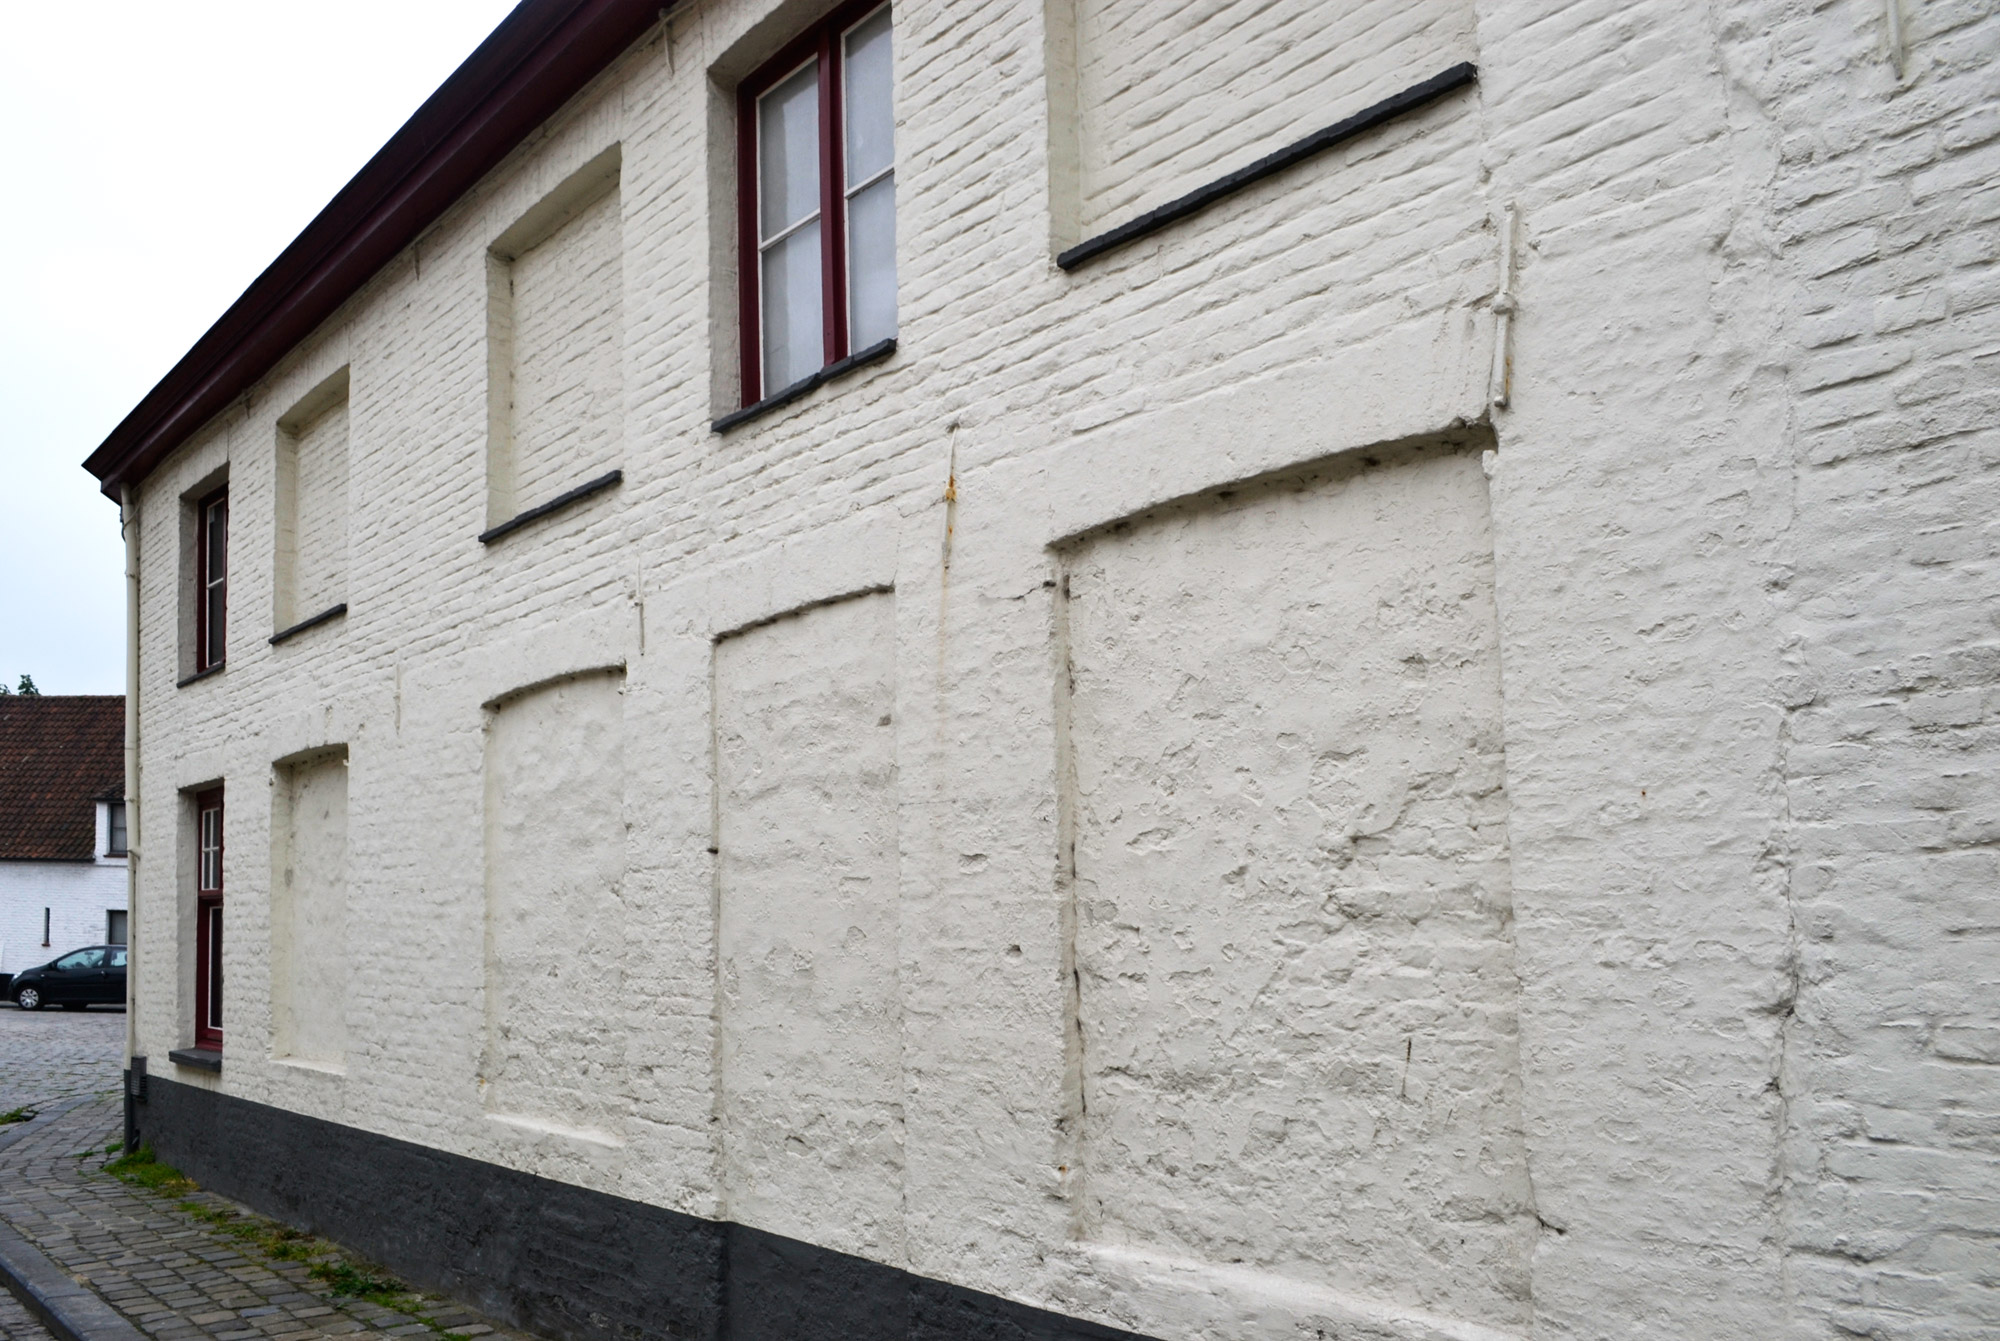 urbanbacklog-bruges-window-gaps-1.jpg